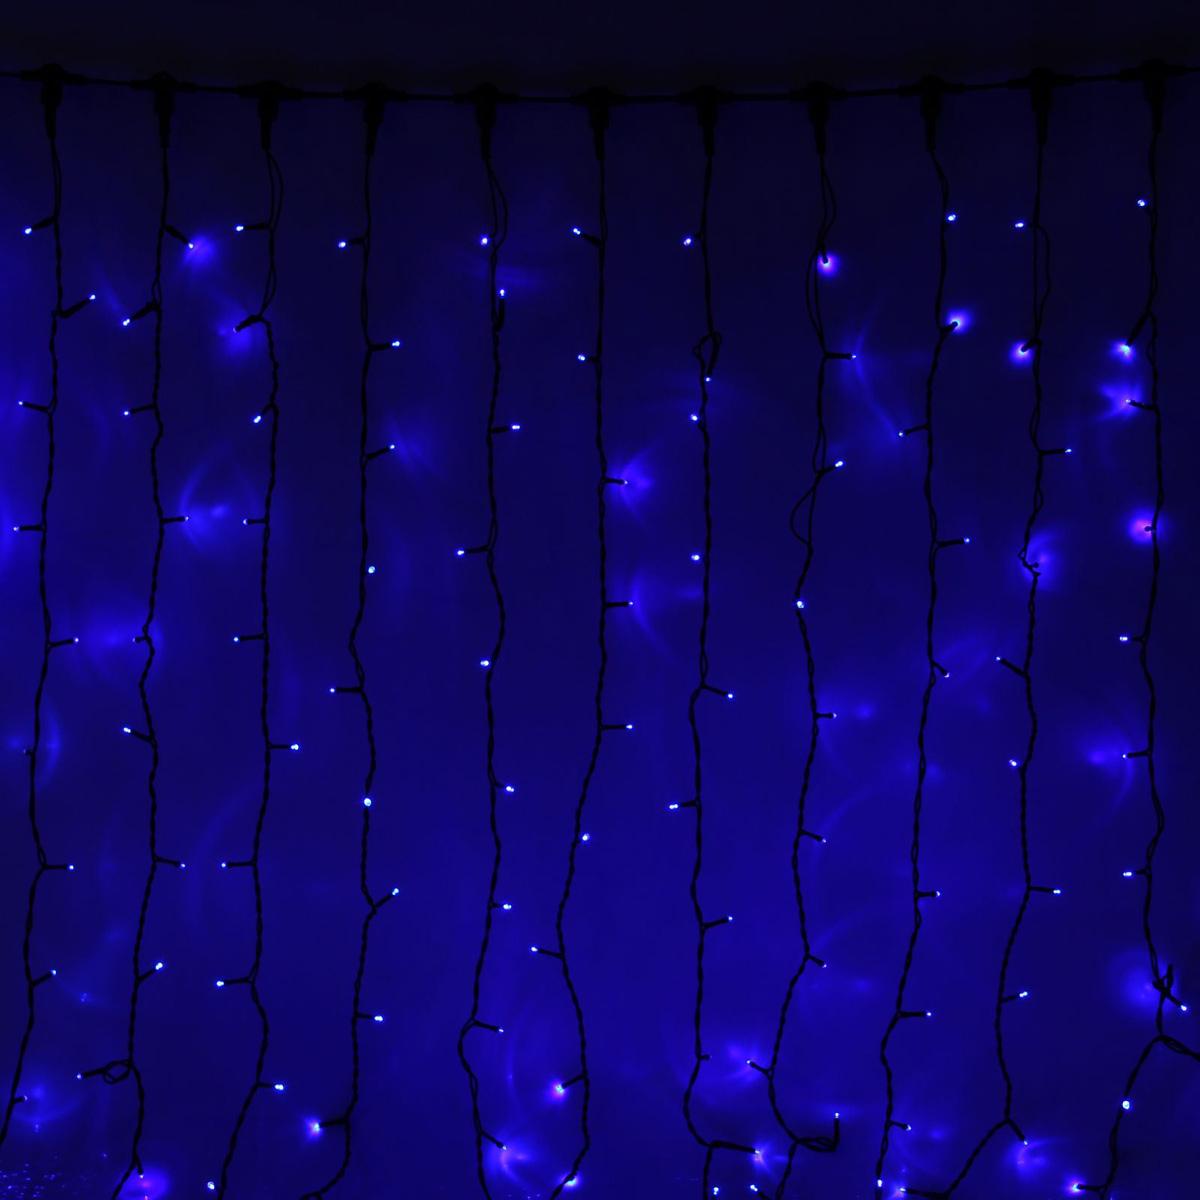 Гирлянда светодиодная Luazon Занавес, цвет: синий, уличная, 1800 ламп, 220 V, 2 х 9 м. 10803141080314Светодиодные гирлянды и ленты — это отличный вариант для новогоднего оформления интерьера или фасада. С их помощью помещение любого размера можно превратить в праздничный зал, а внешние элементы зданий, украшенные ими, мгновенно станут напоминать очертания сказочного дворца. Такие украшения создают ауру предвкушения чуда. Деревья, фасады, витрины, окна и арки будто специально созданы, чтобы вы украсили их светящимися нитями.